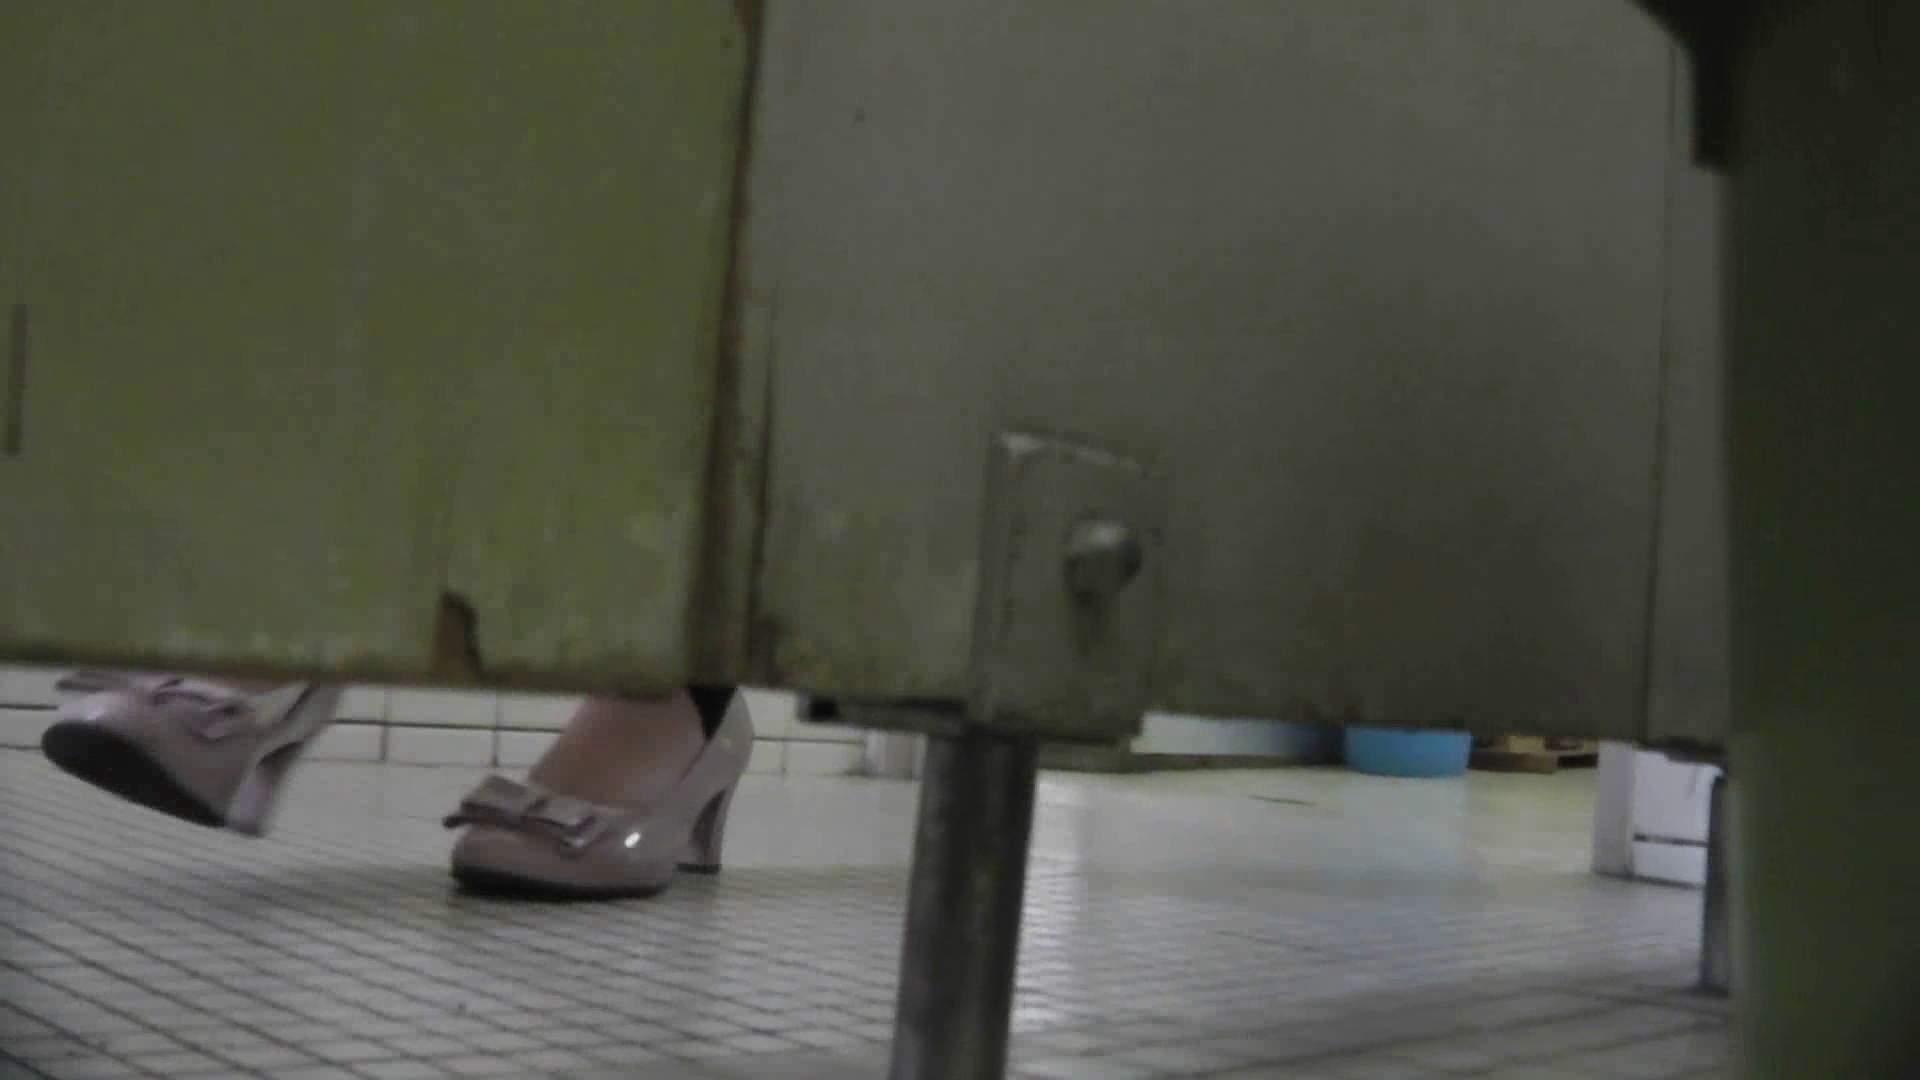 洗面所特攻隊 vol.004 可愛らしい女性です。 OL | バックショット  35連発 24